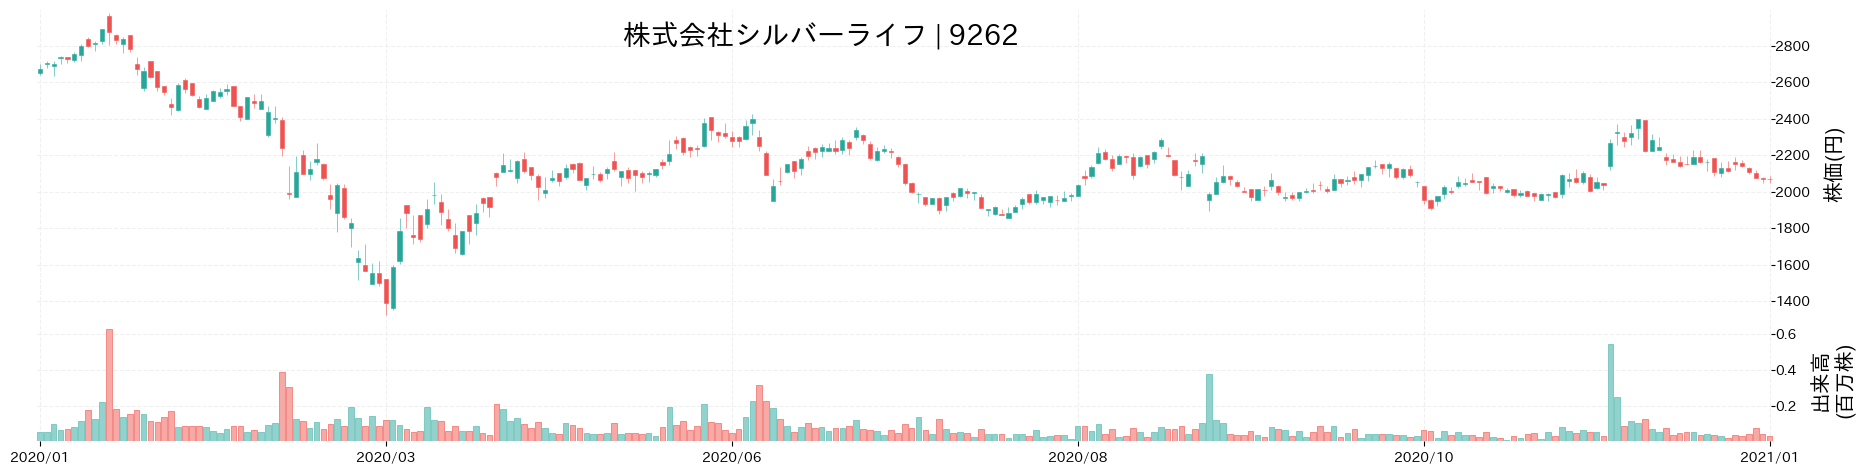 株式会社シルバーライフの株価推移(2020)